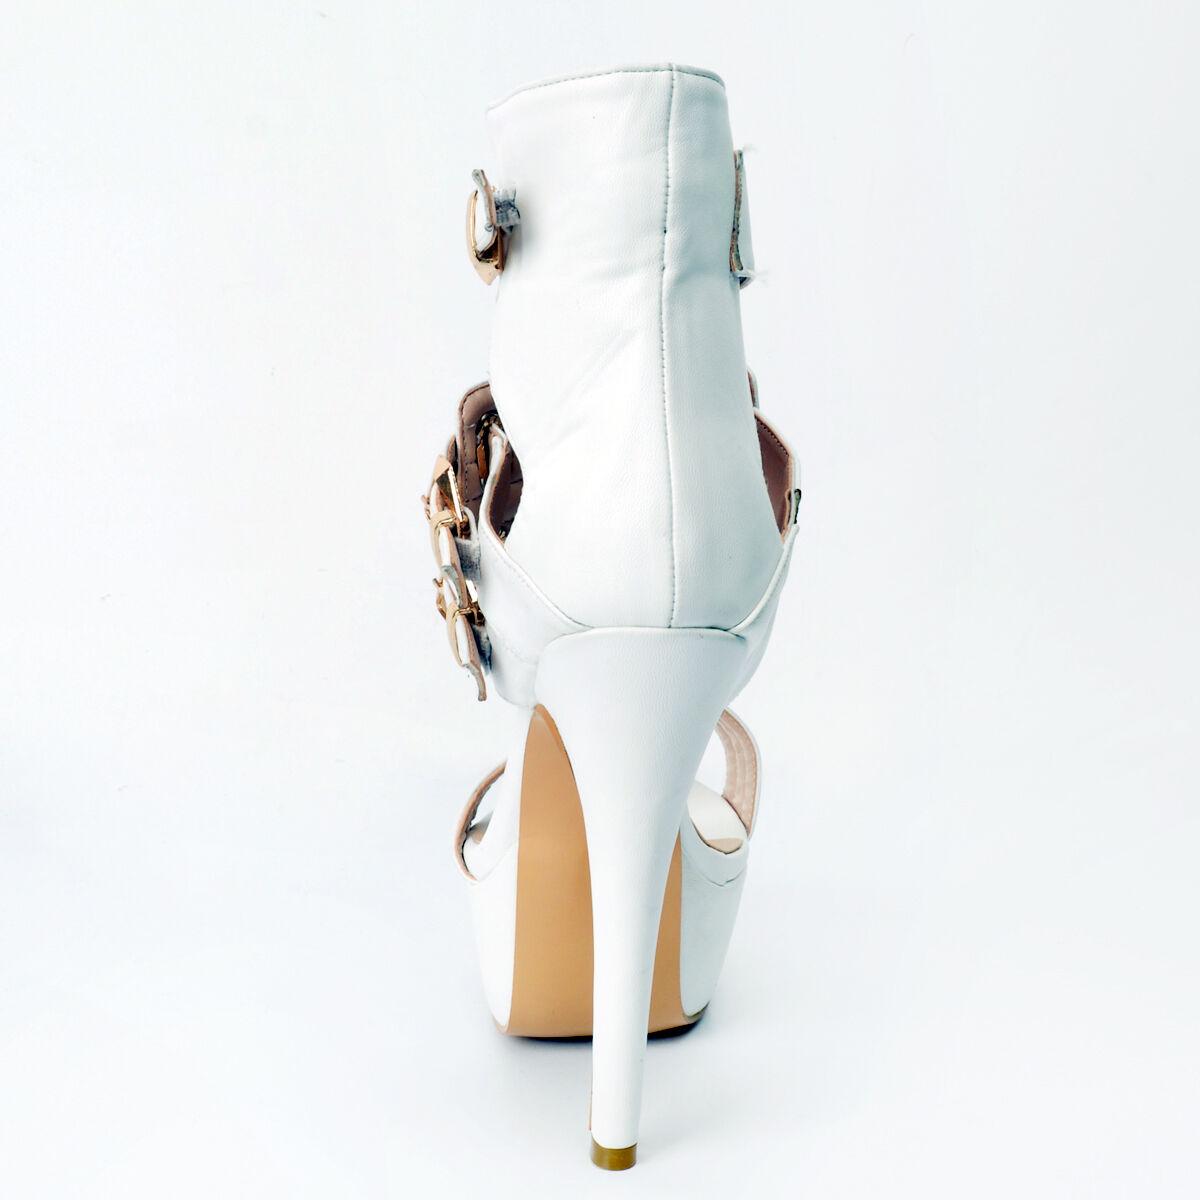 High High High Heels Damenschuhe Pumps Stiletto Absatz 2019 Riemen Schnalle Plateau Weiß 90eea9